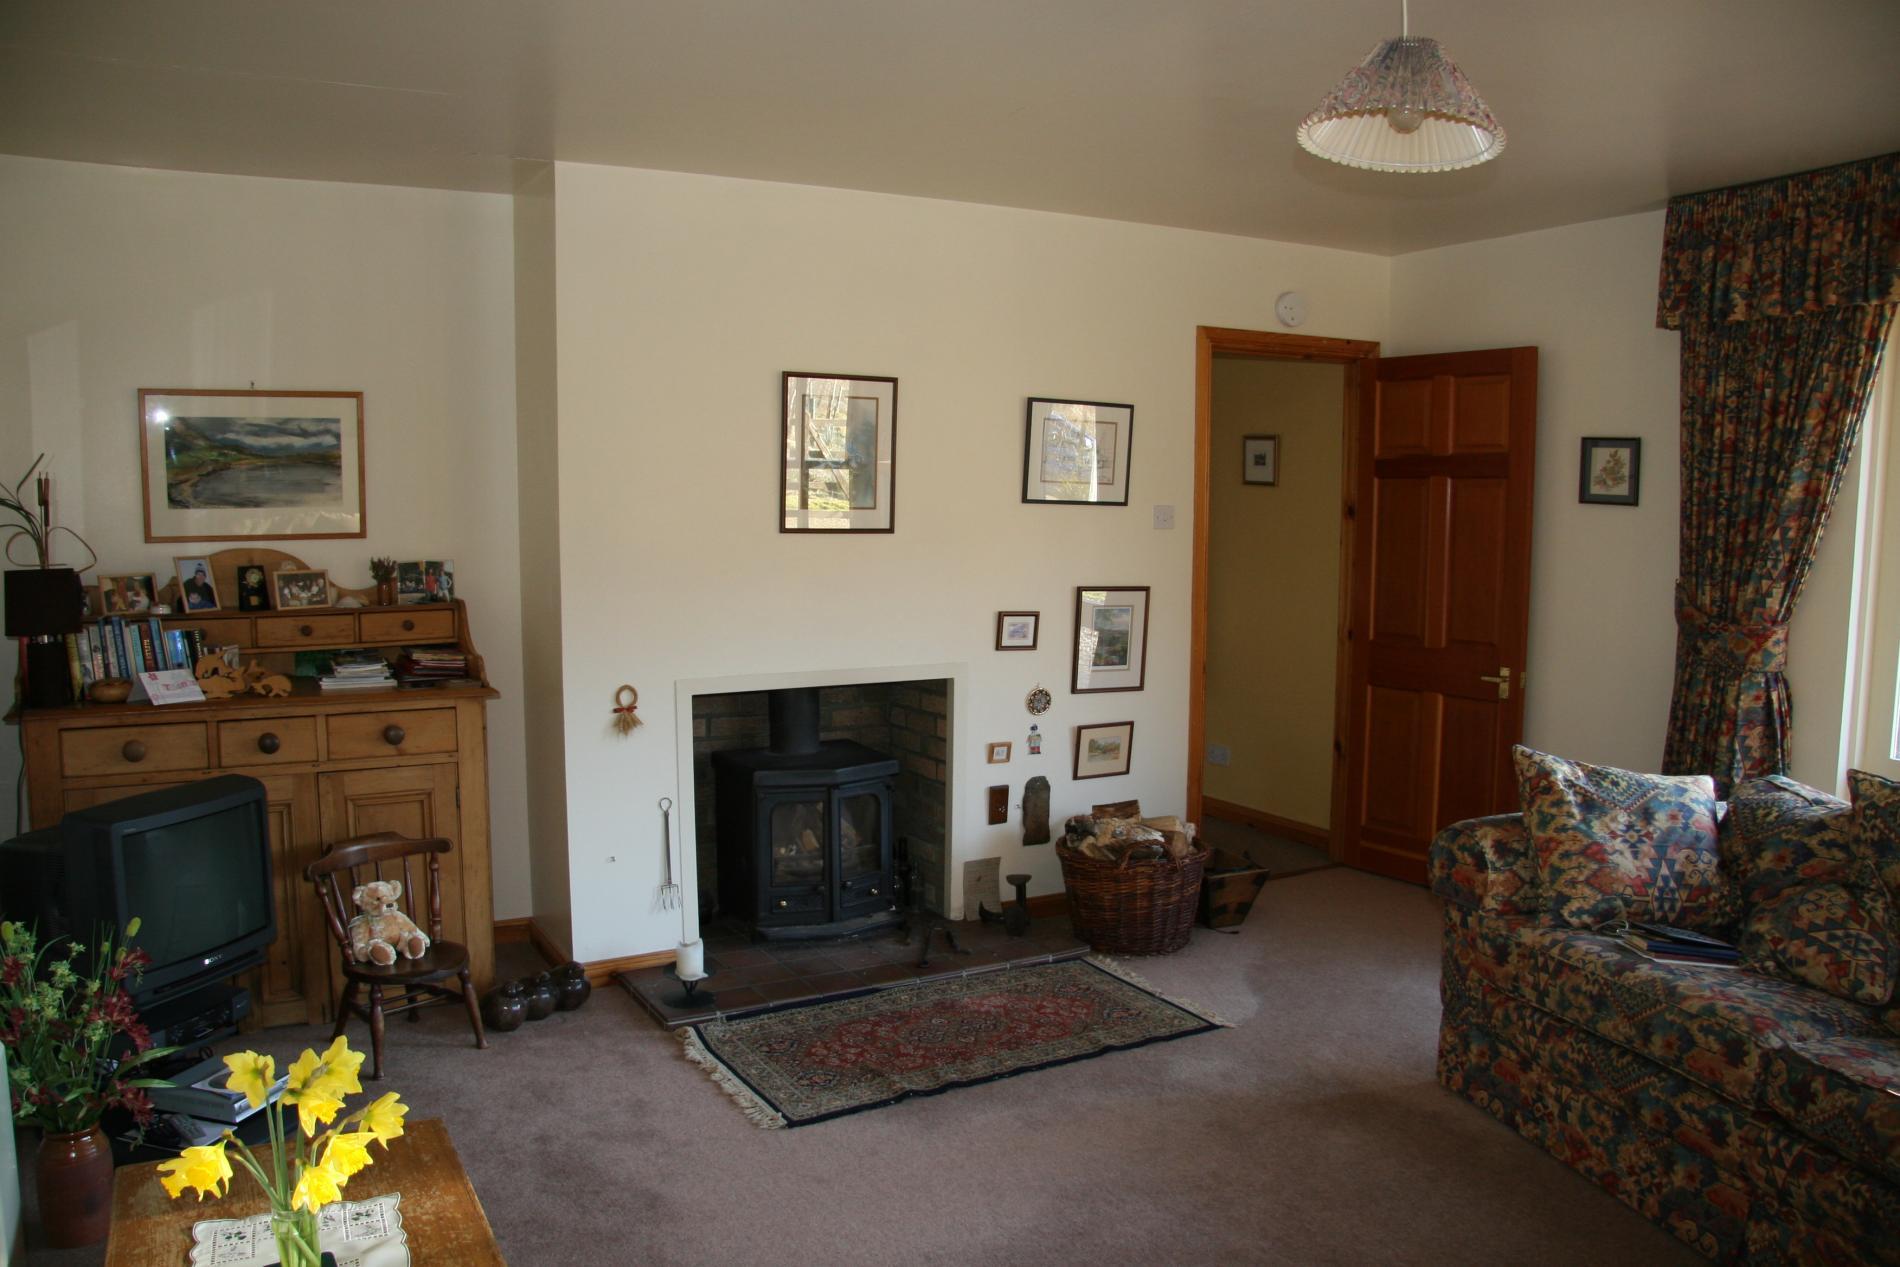 mountview cottage visitaberdeenshire